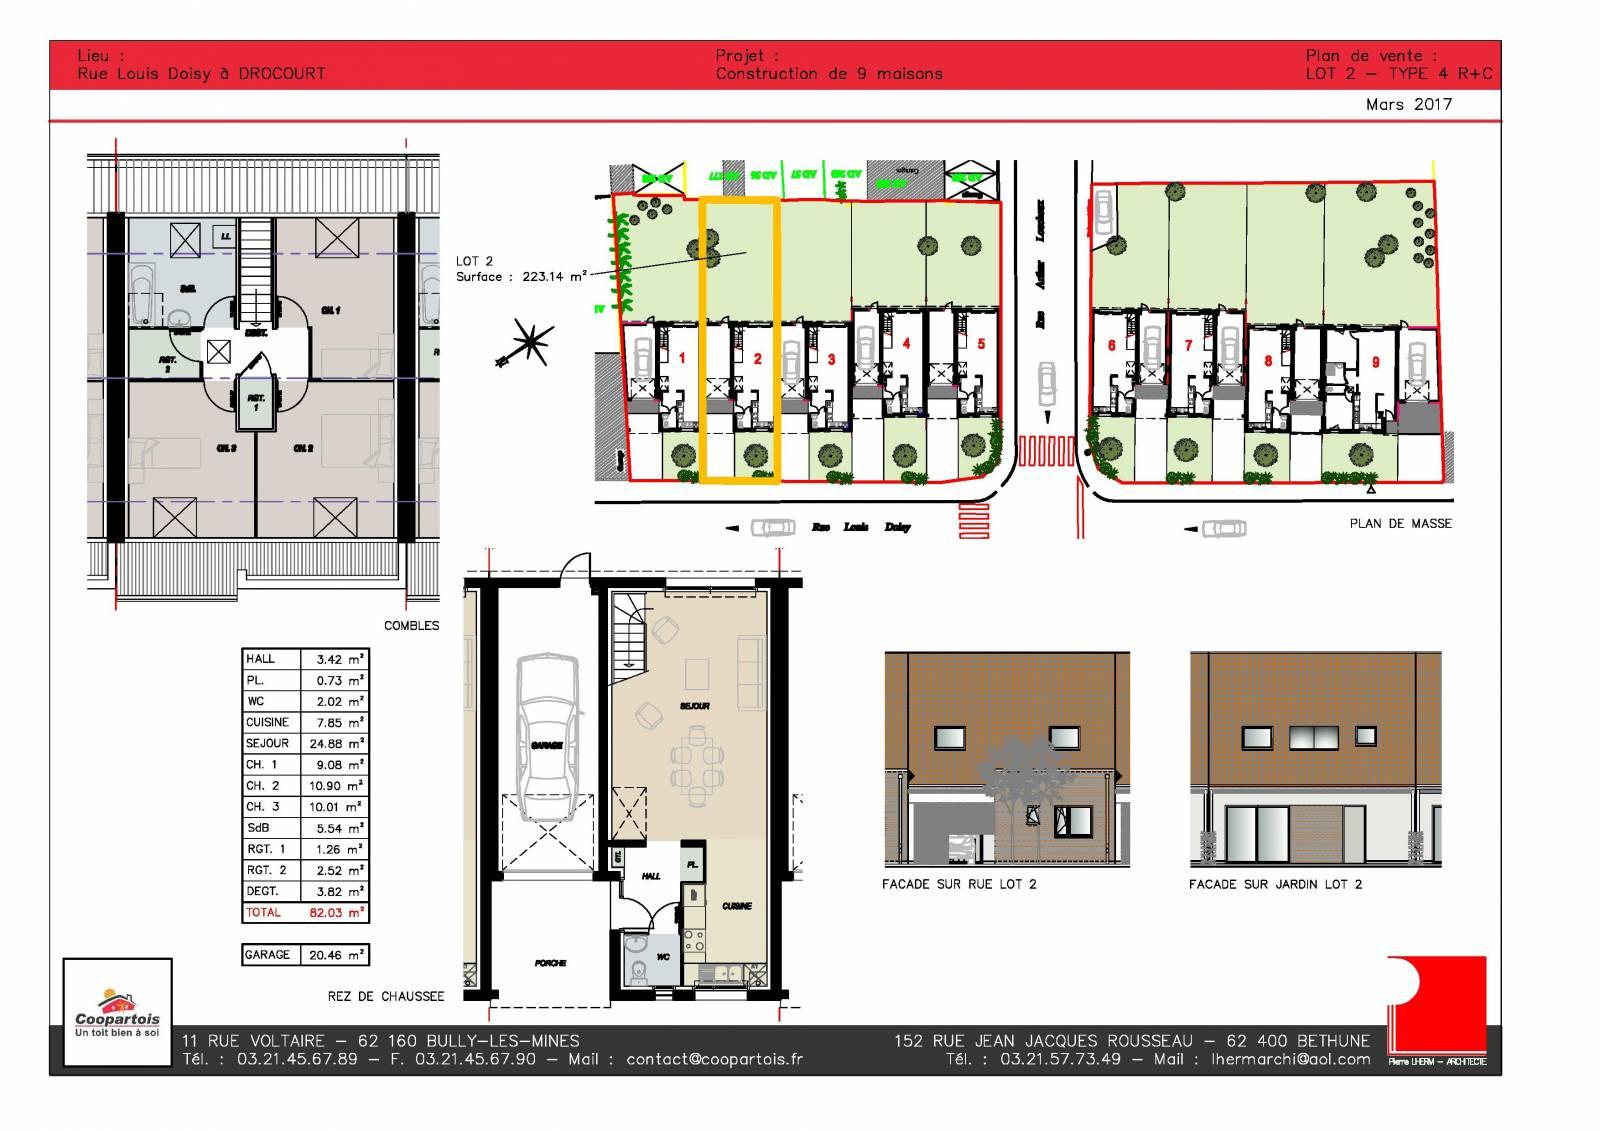 Maison neuve 3 chambres rt 2012 2 coopartois - Exoneration taxe fonciere maison neuve ...